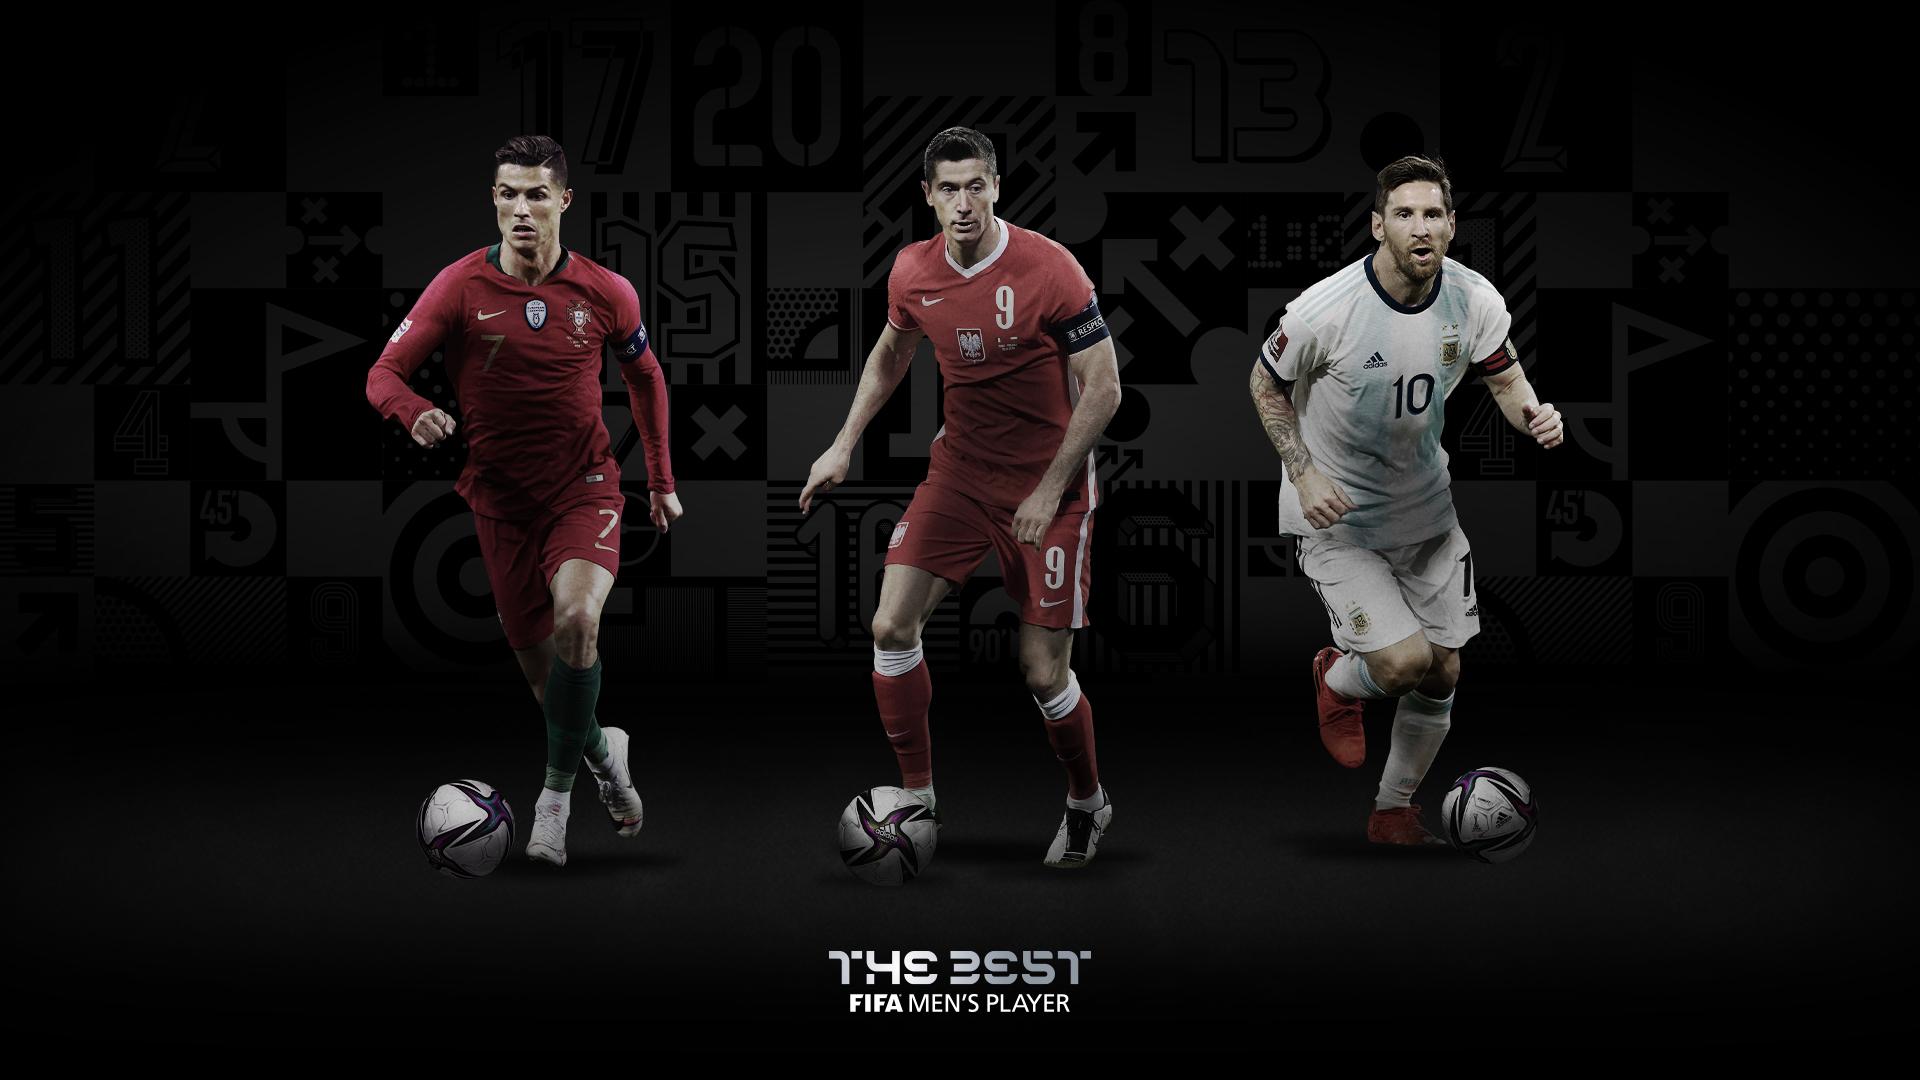 Messi y Bielsa van por el The Best este jueves: dónde ver la premiación